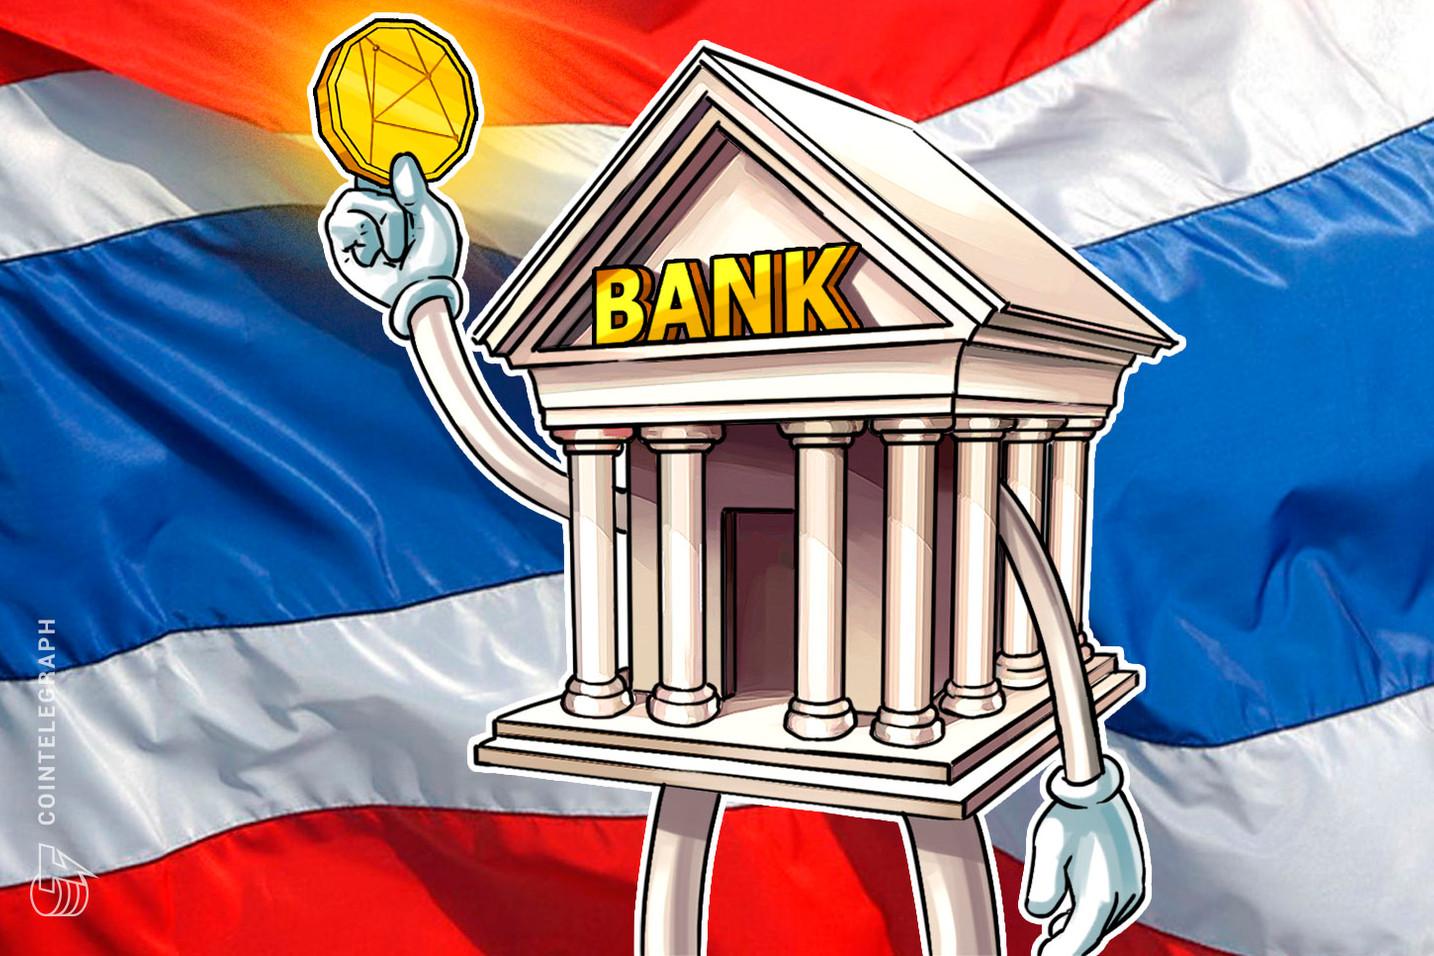 بنك تايلاند يسمح للبنوك بفتح شركاتٍ تابعة لتعاملات العملات المشفرة